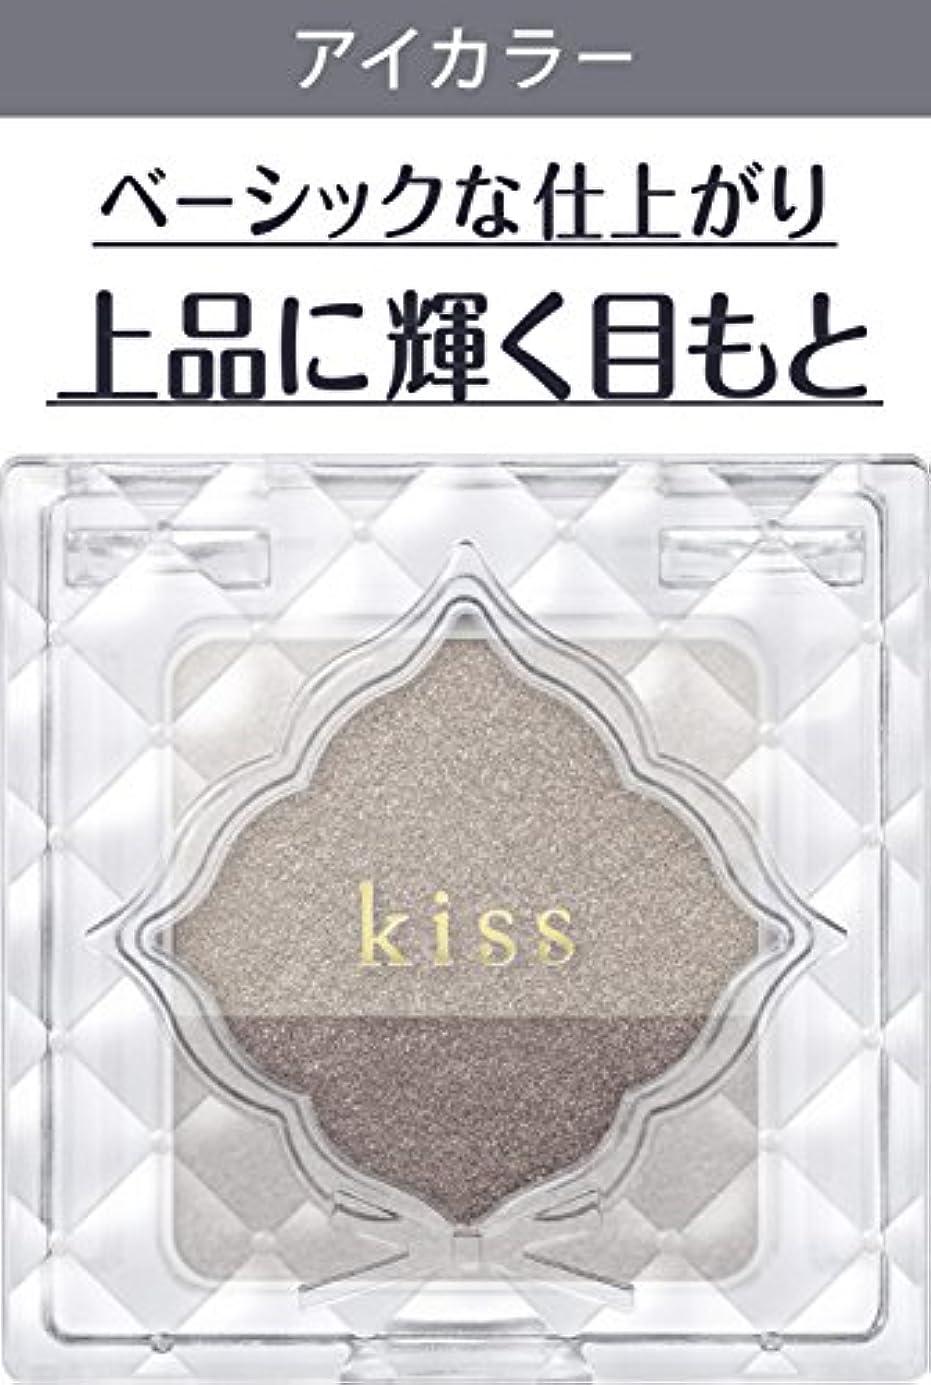 ホスト完全に哀kiss デュアルアイズB01